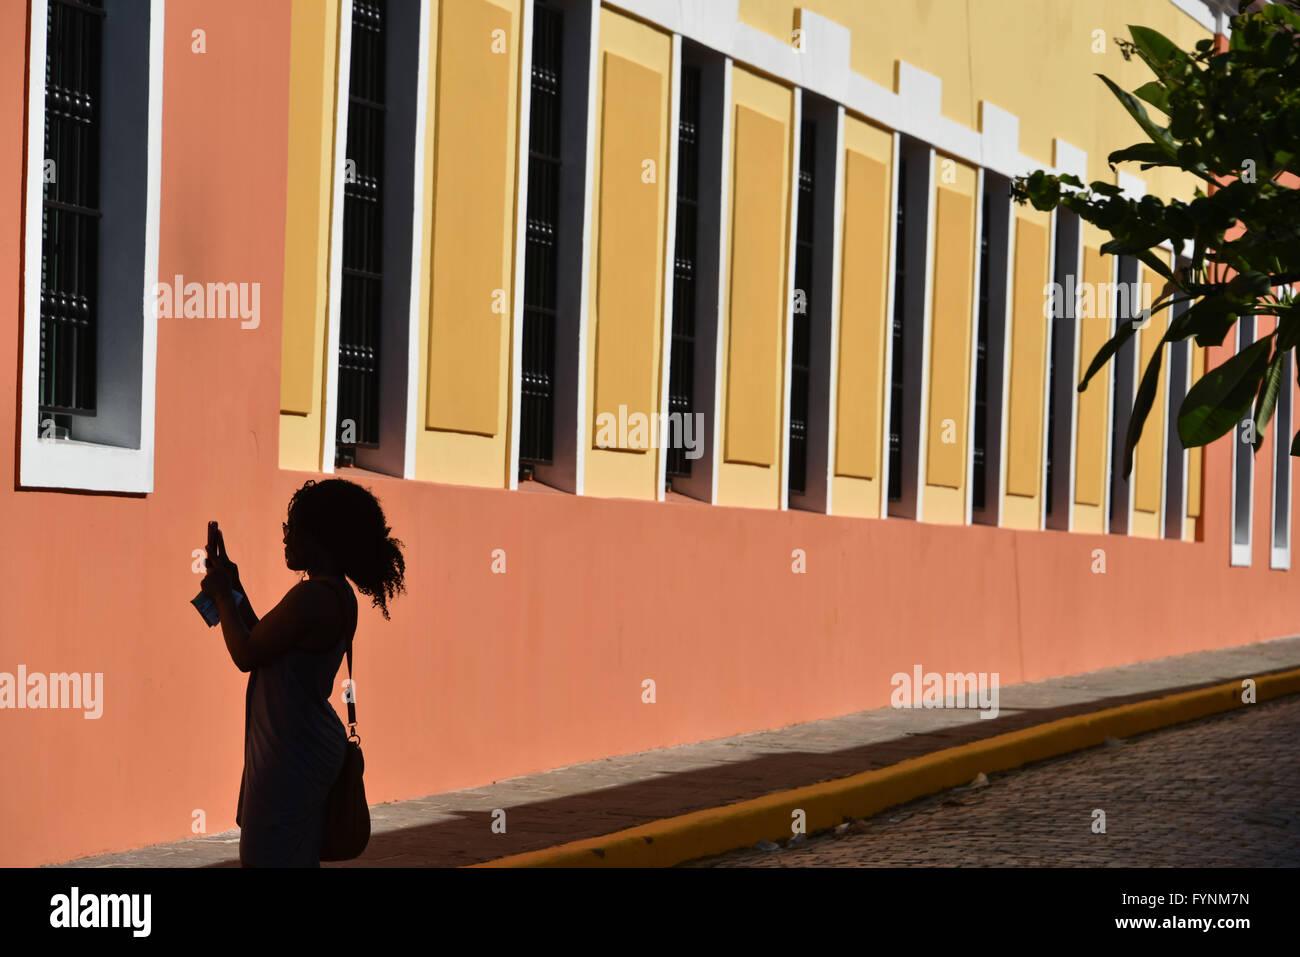 Silhouette di un turista di scattare una foto di edifici colorati nella vecchia San Juan, Puerto Rico Immagini Stock